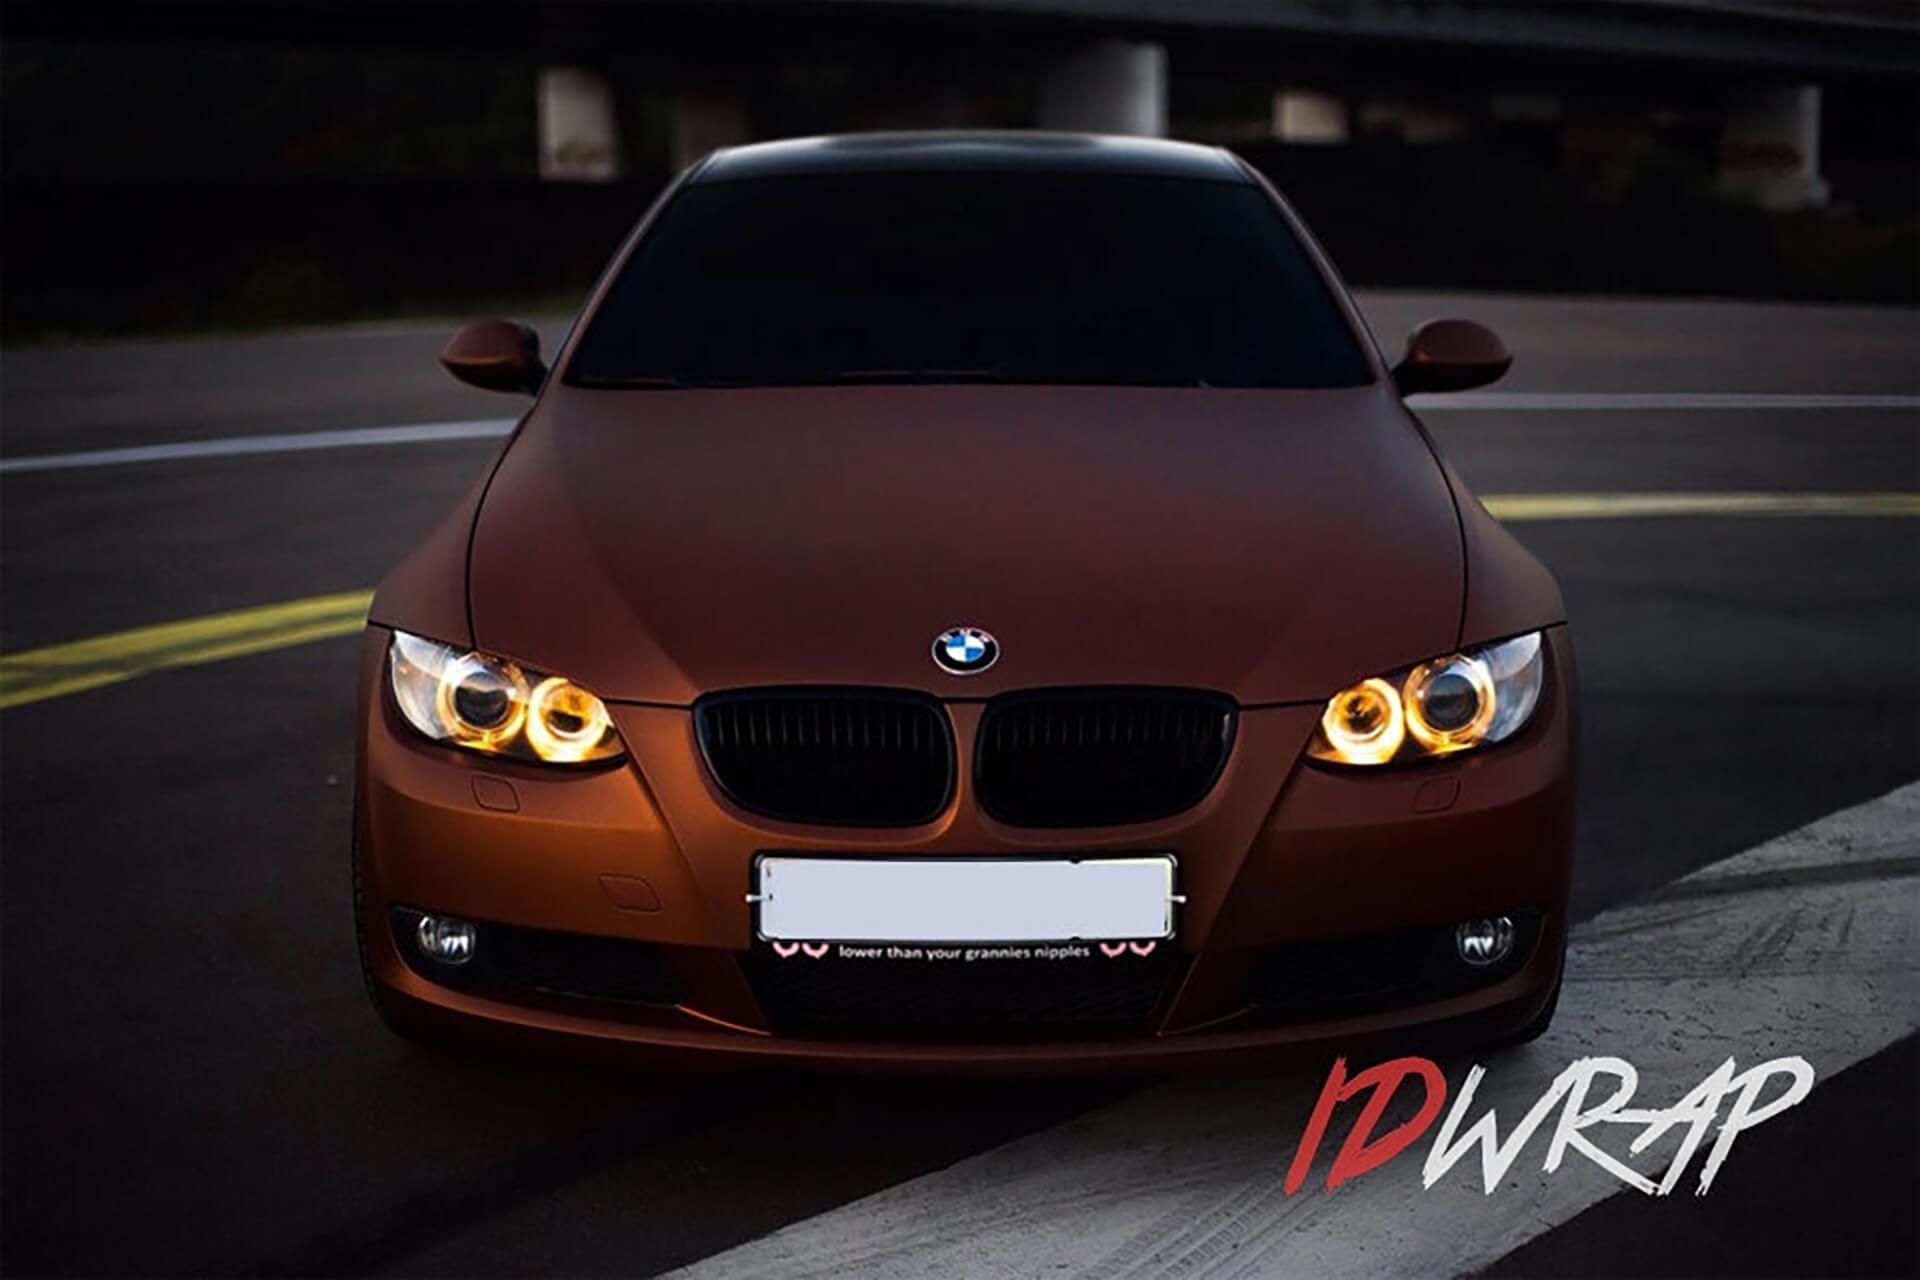 BMW ржавый матовый винил